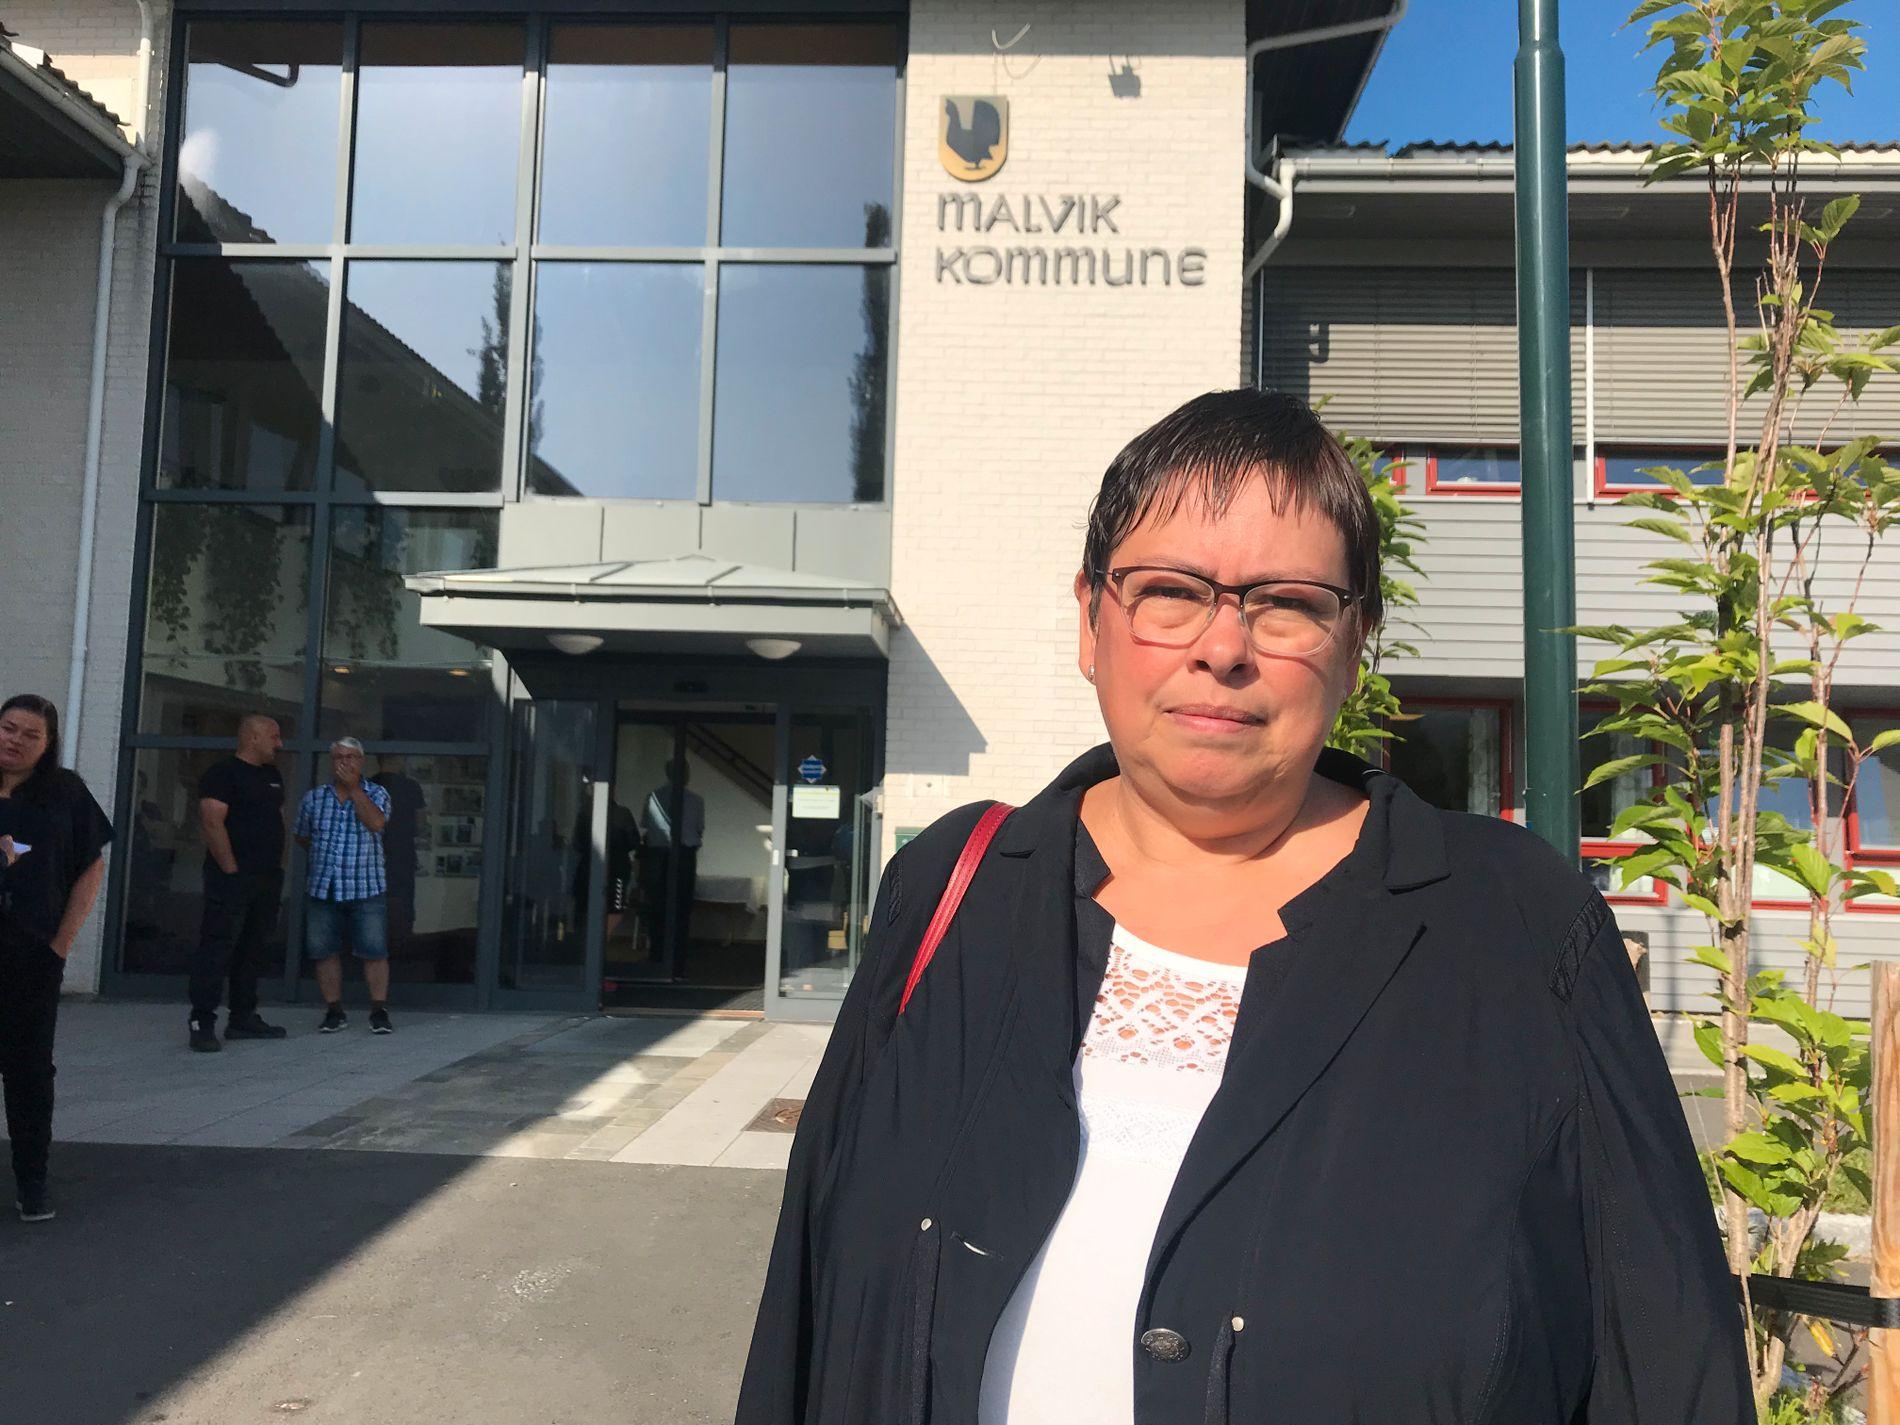 SAVNER INGRID: Trondheim-ordfører Rita Ottervik på vei ut fra Malvik rådhus etter å ha deltatt på samlingen etter Malvik-ordfører Ingrid Aunes dødsfall.